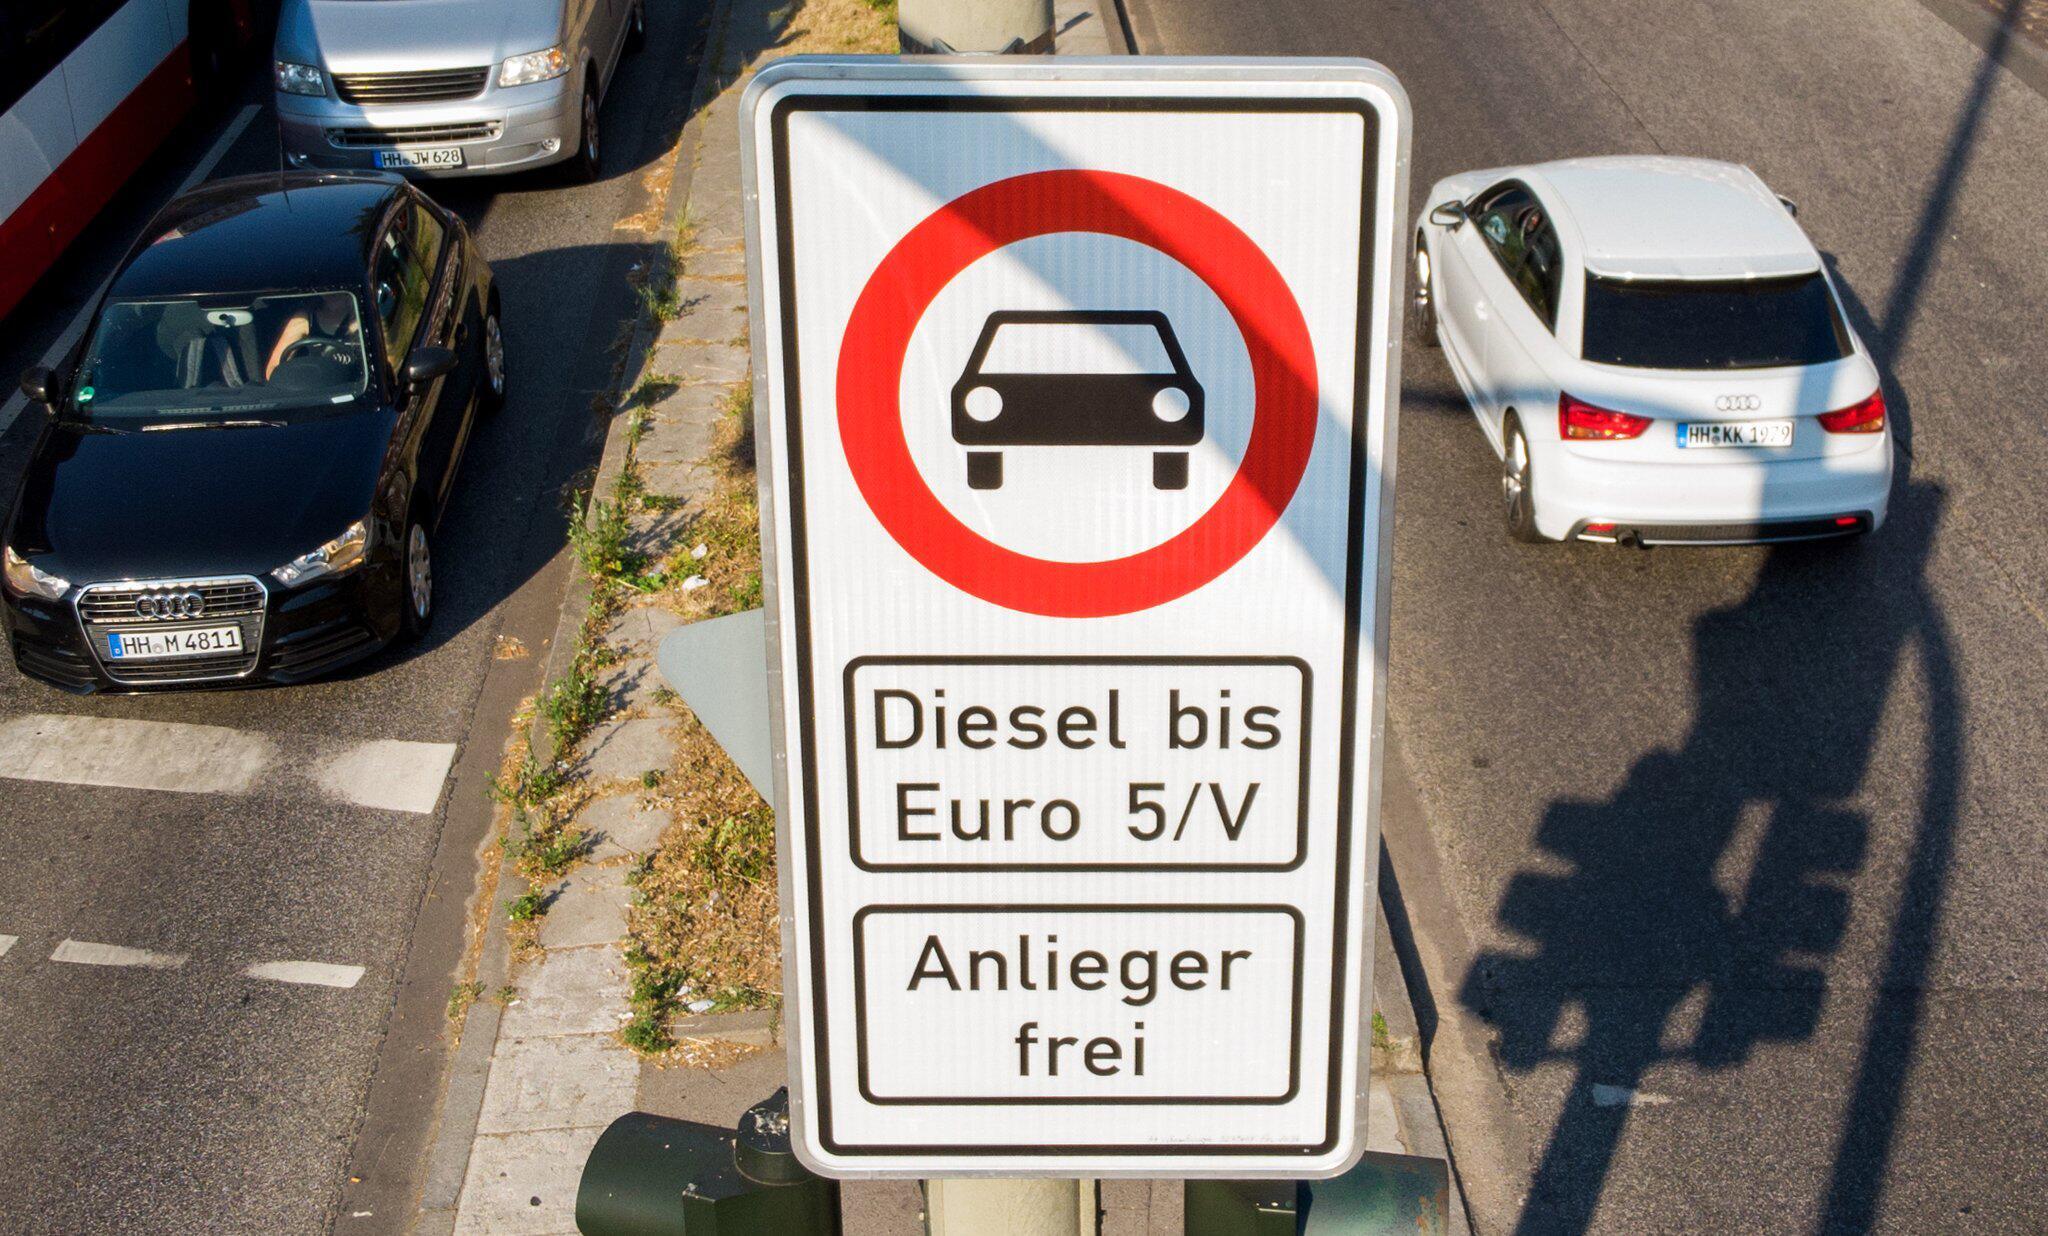 Diesel-Nachrüstung: Regierung und Autobauer einigen sich auf Kompromiss